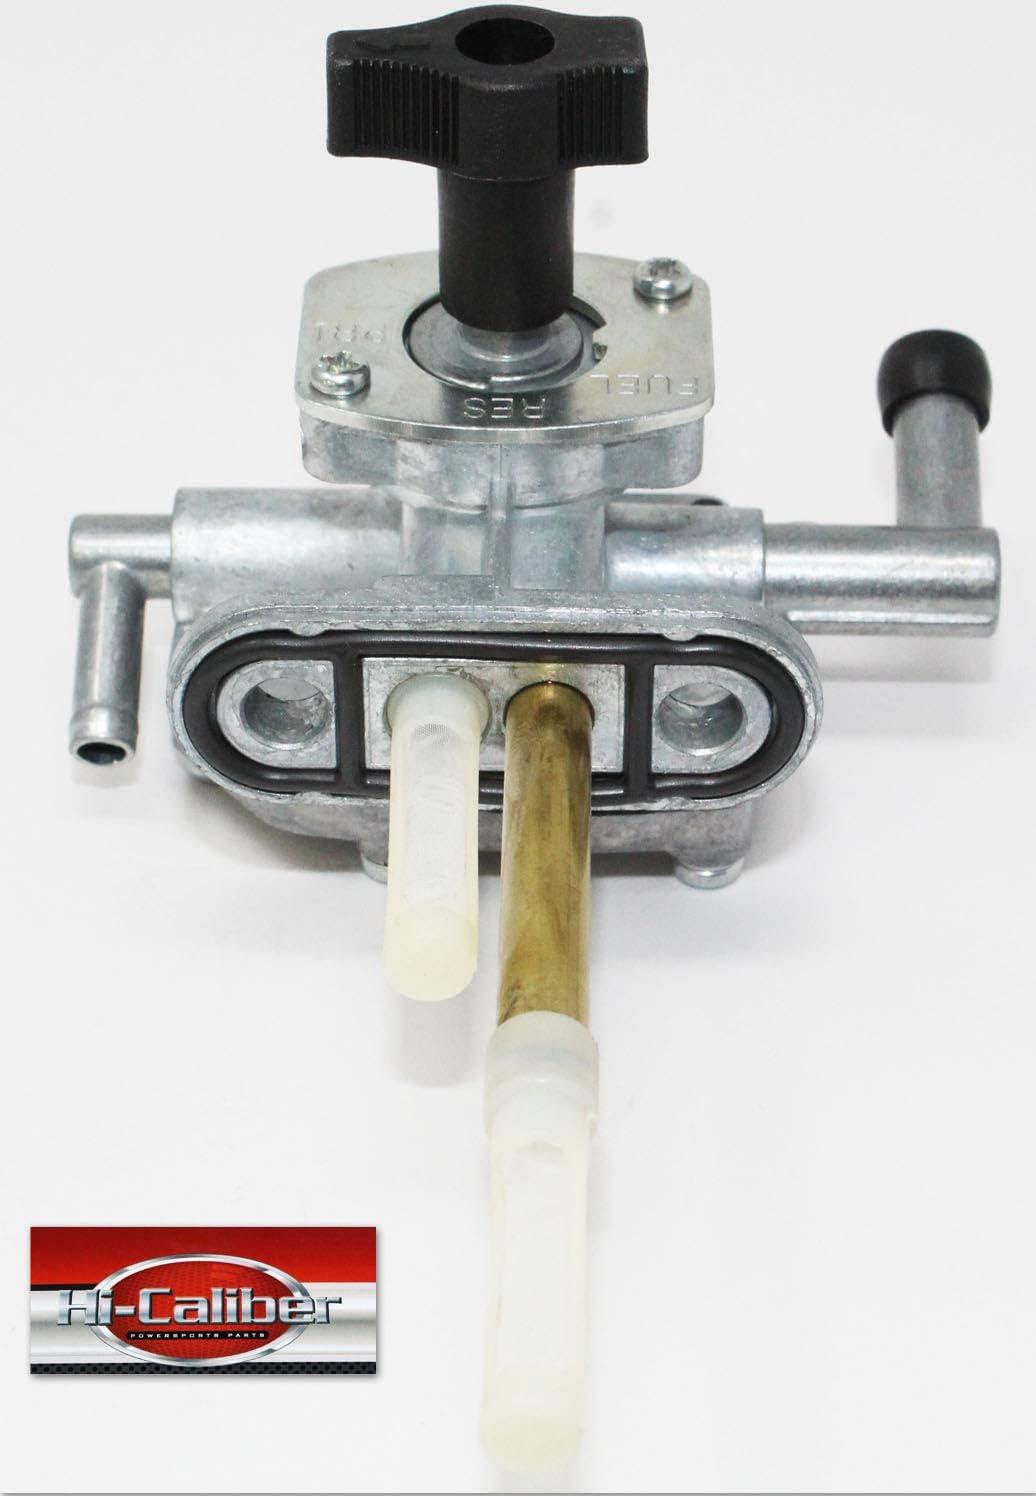 DIRECT REPLACEMENT Fuel Petcock for the 2003-2005 Kawasaki KFX KSF 400 Gas Tank Tap Valve